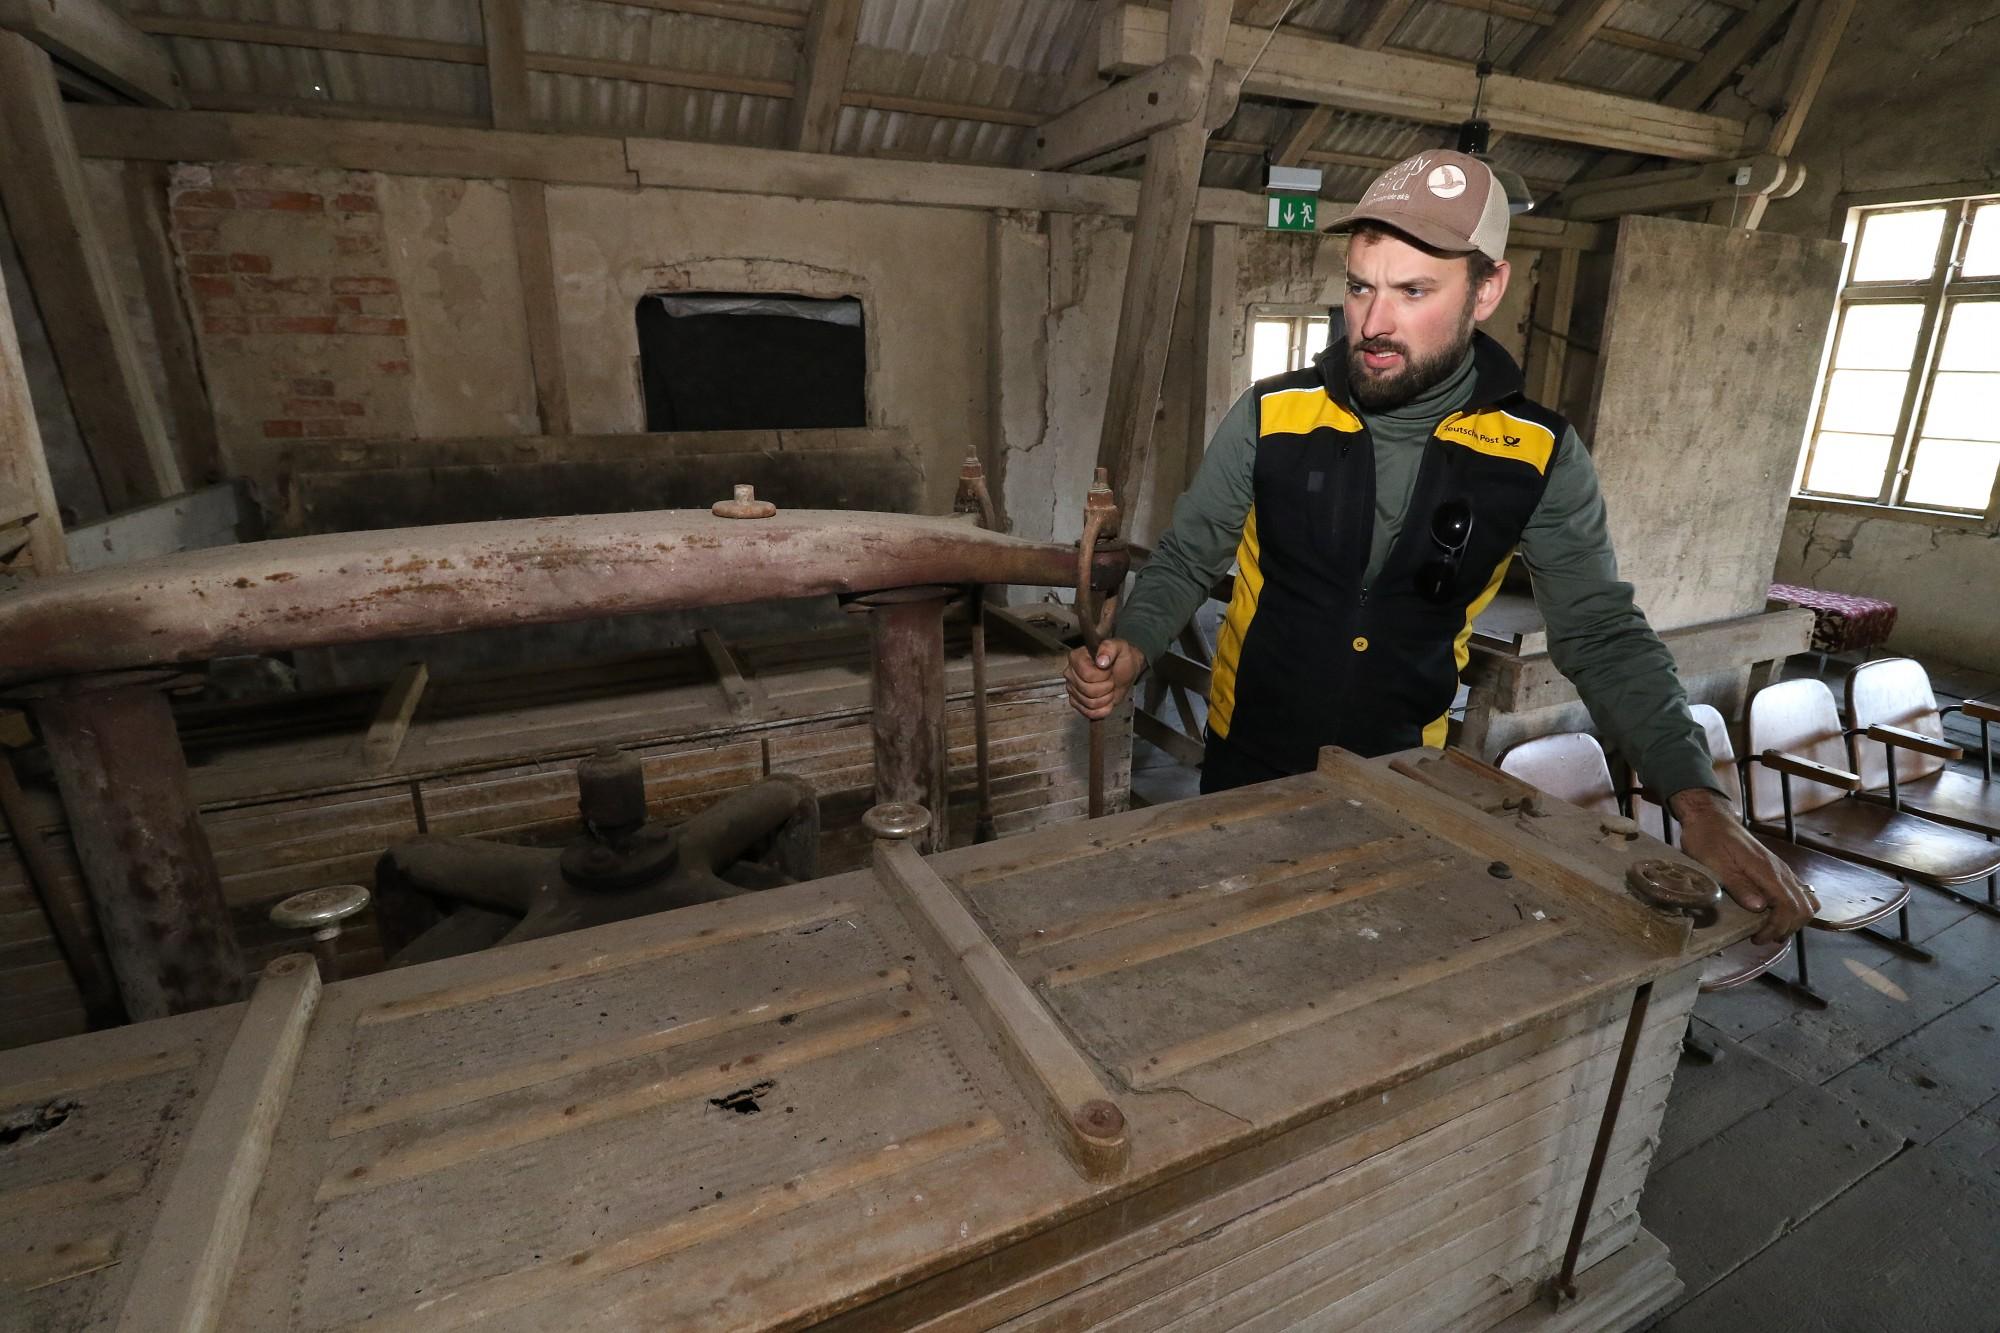 Cīravas kultūras dzirnavu vēsturiskie dārgumi būs apskatāmi ikvienam